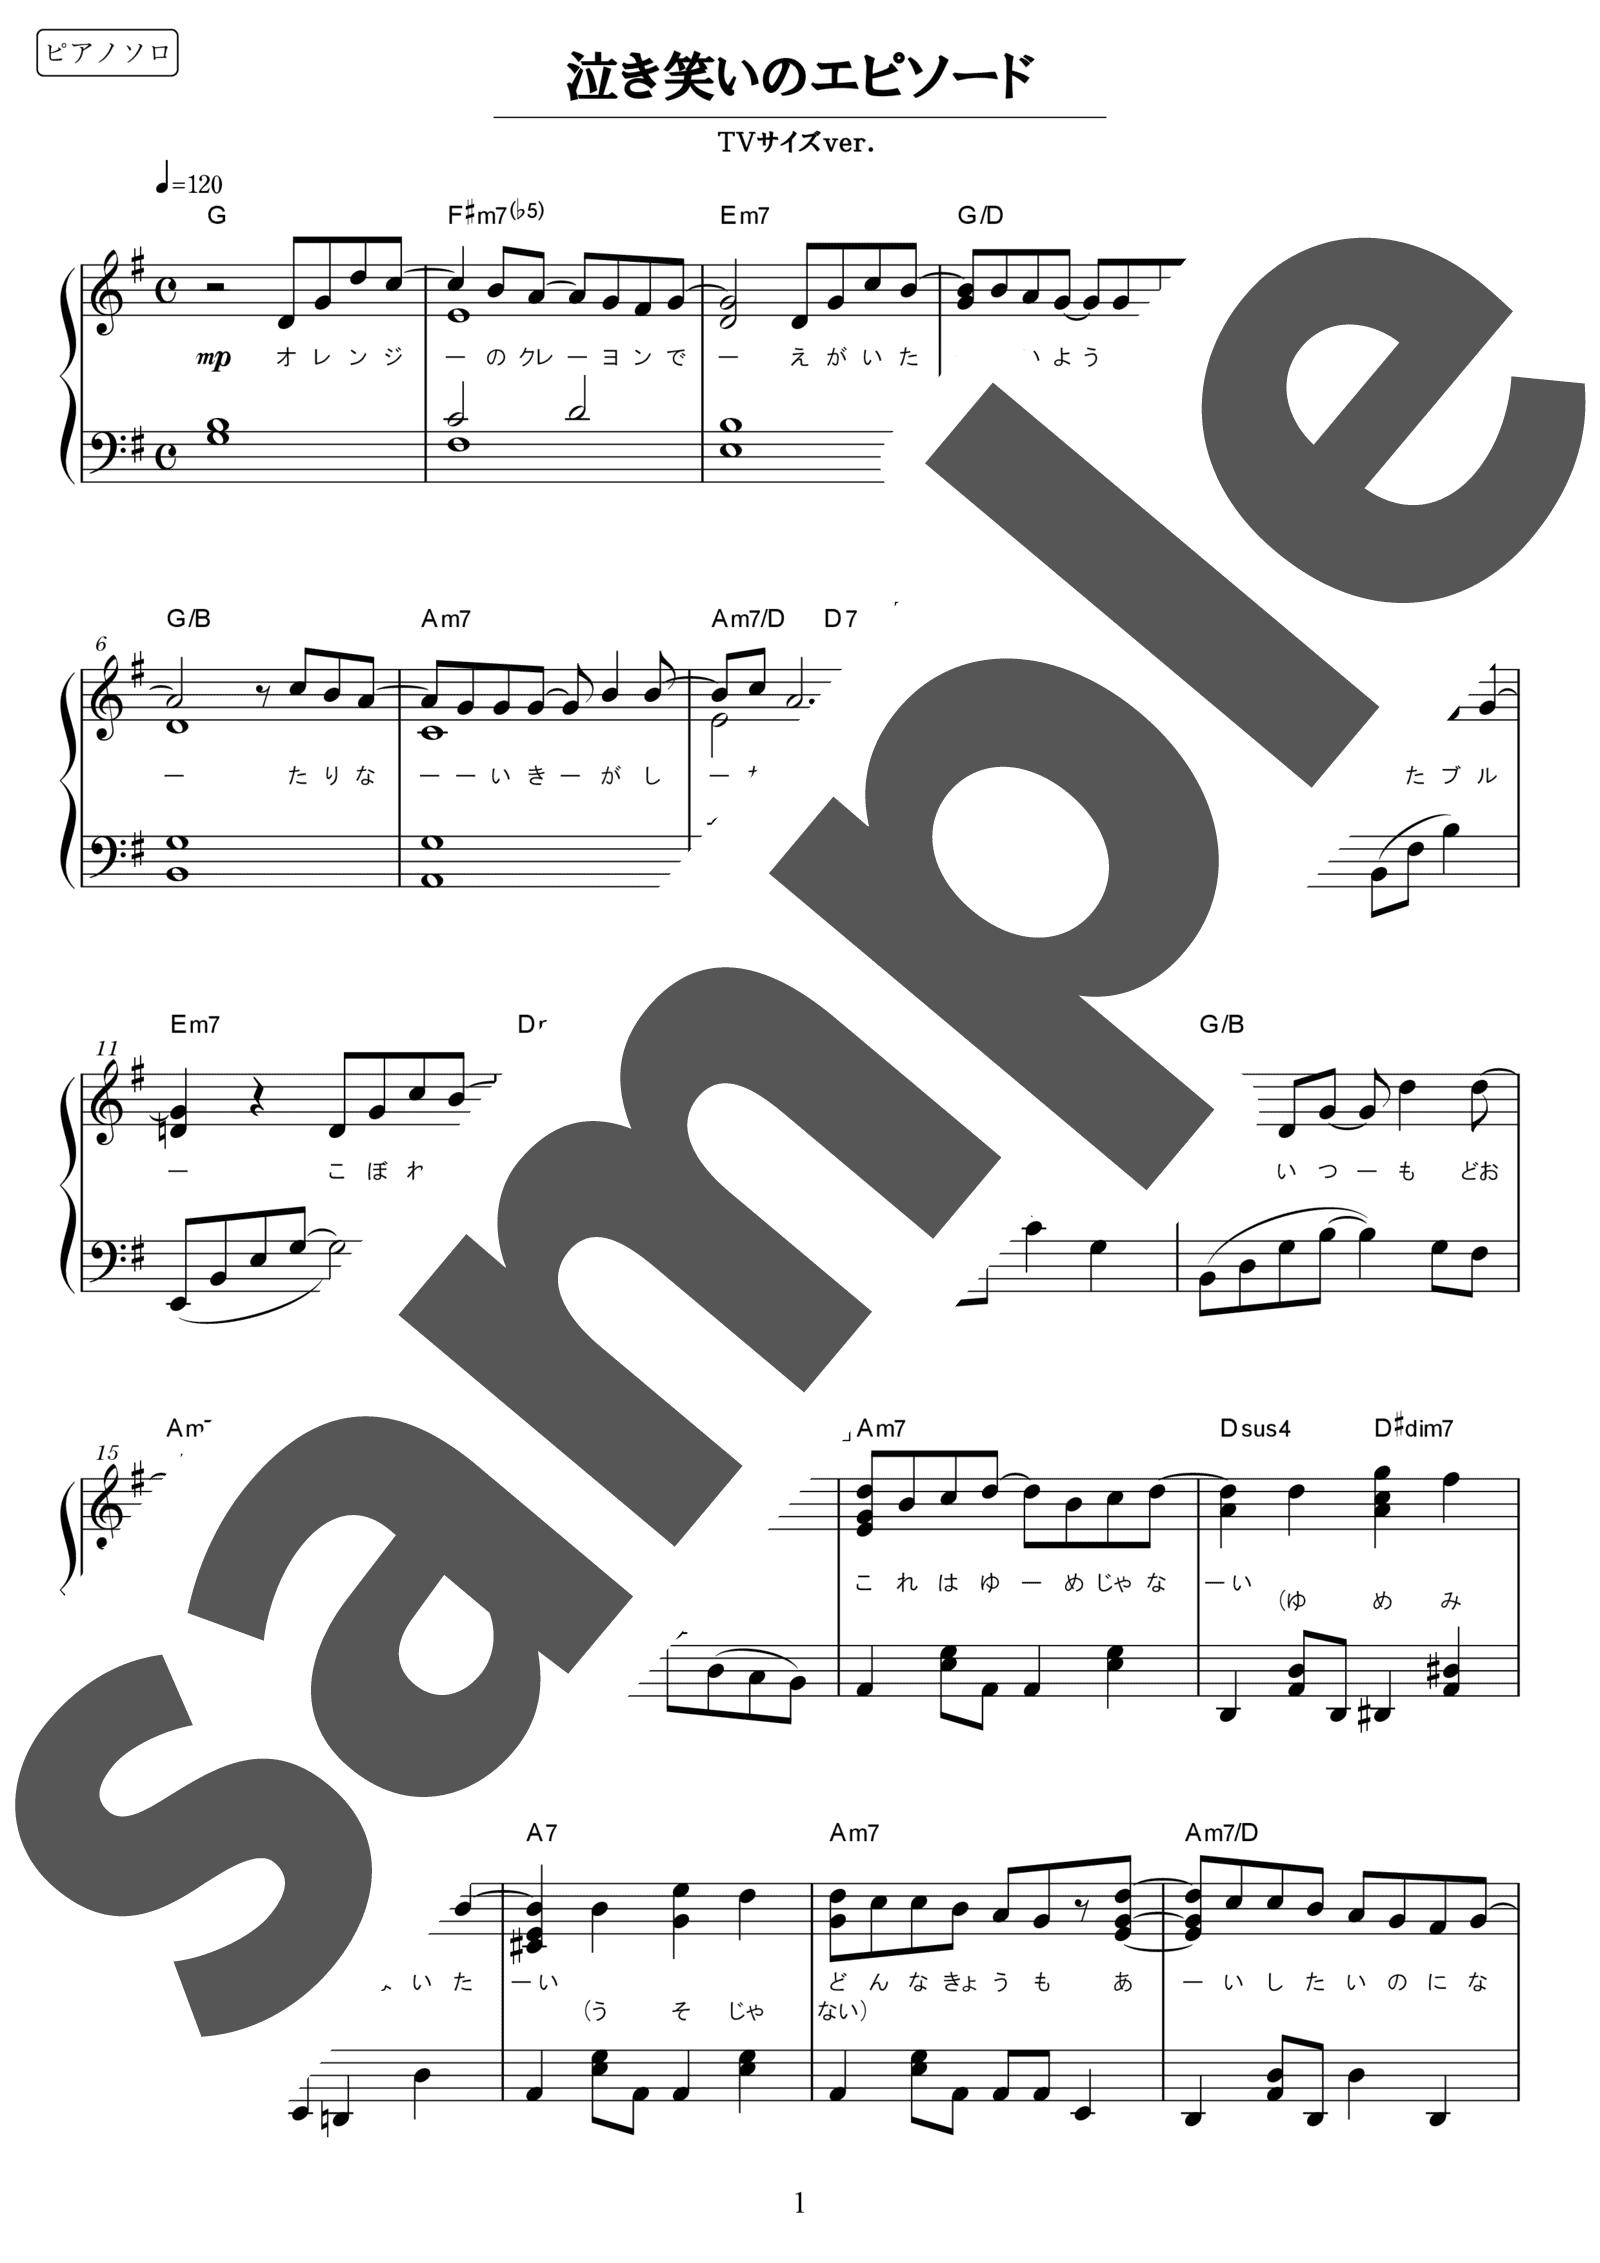 ピアノ楽譜】泣き笑いのエピソード / 秦基博(ソロ / 中級) | 電子 ...